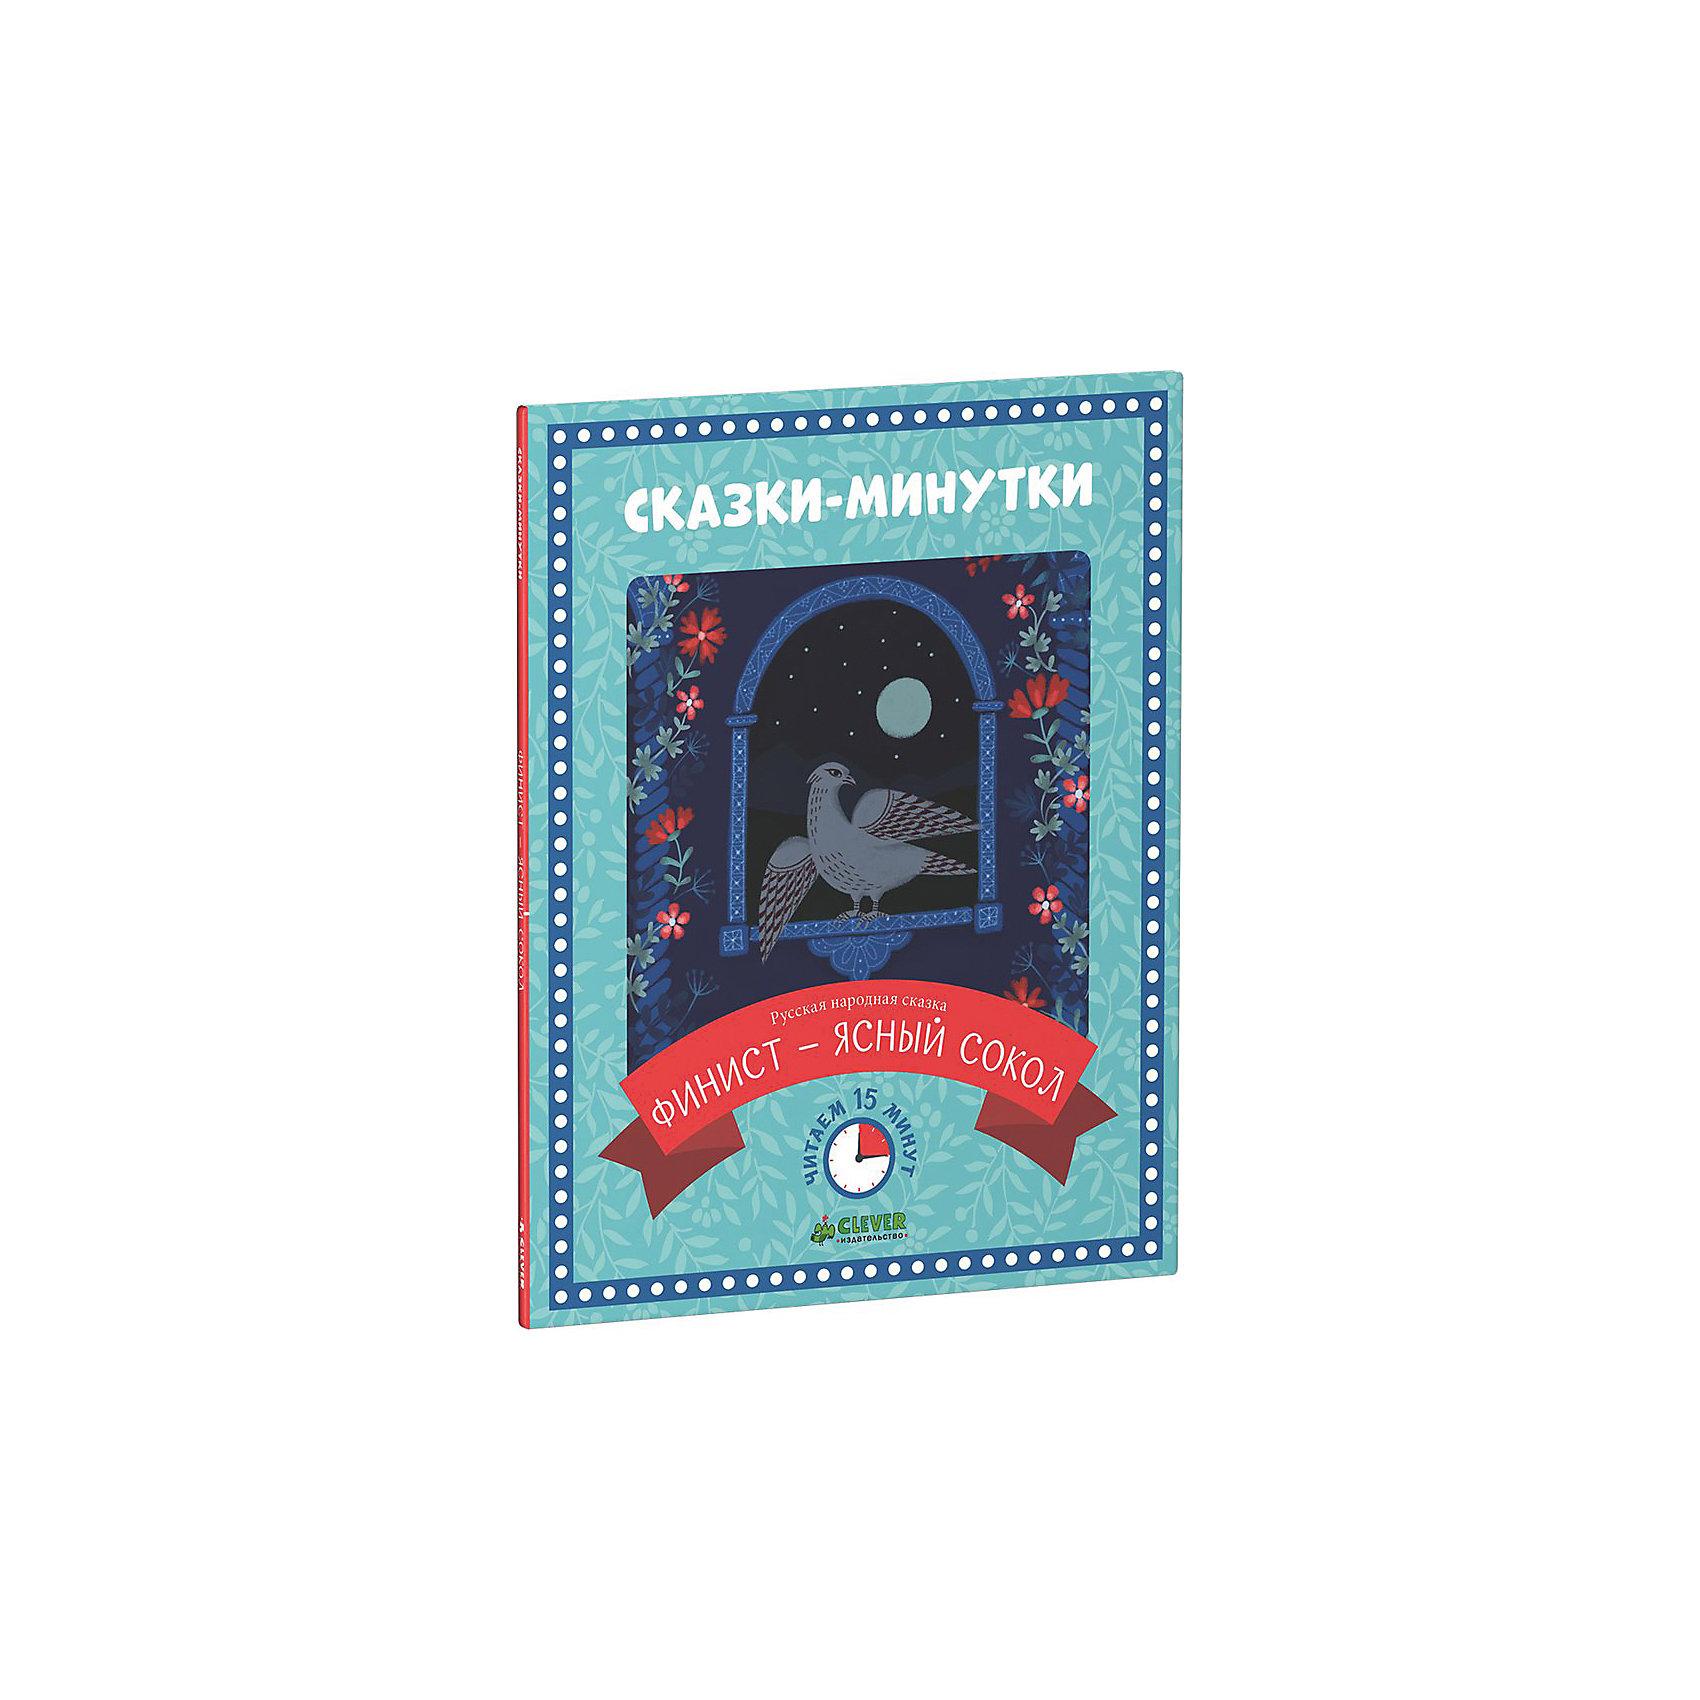 Сказки-минутки Финист - ясный соколСказки-минутки Финист - ясный сокол – это старая добрая сказка, которая поможет родителям подготовить малыша ко сну.<br>Чтение перед сном – один из самых важных и приятных моментов в воспитании ребенка, повод для общения и создания хорошего настроения. Яркие иллюстрированные книжечки, вошедшие в серию «Сказки-минутки», помогут вам провести это время с максимальной пользой и удовольствием. Книги серии «Сказки-минутки» - это самые любимые, самые лучшие сказки, проиллюстрированные современными молодыми художникамии. Чтение сказки-минутки Финист - ясный сокол займет у Вас 15 минут. Приятного чтения!<br><br>Дополнительная информация:<br><br>- Художник: Сусидко Маша<br>- Редактор: Измайлова Елена<br>- Издательство: Клевер Медиа Групп, 2016 г.<br>- Серия: Сказки-минутки<br>- Тип обложки: мягкий переплет (крепление скрепкой или клеем)<br>- Иллюстрации: цветные<br>- Количество страниц: 32 (офсет)<br>- Размер: 210x171x2 мм.<br>- Вес: 78 гр.<br><br>Книгу Сказки-минутки Финист - ясный сокол можно купить в нашем интернет-магазине.<br><br>Ширина мм: 210<br>Глубина мм: 170<br>Высота мм: 4<br>Вес г: 80<br>Возраст от месяцев: 48<br>Возраст до месяцев: 72<br>Пол: Унисекс<br>Возраст: Детский<br>SKU: 4554206